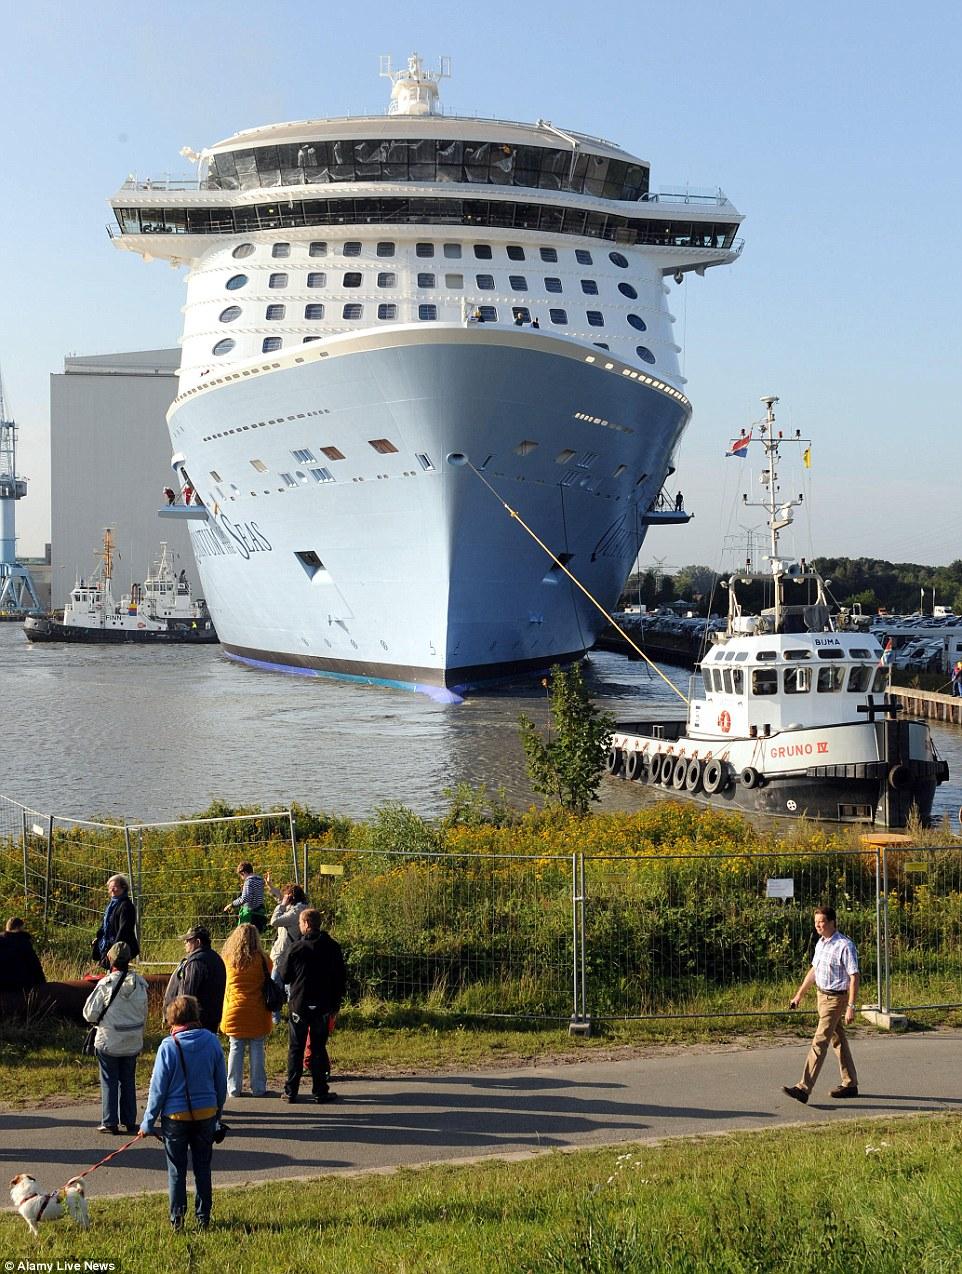 O forro de oceano gigante vai navegar a partir do Cruise Port Cape Liberty, em Bayonne, New Jersey para o Caribe durante a temporada 2014-15, antes de se deslocar para a China